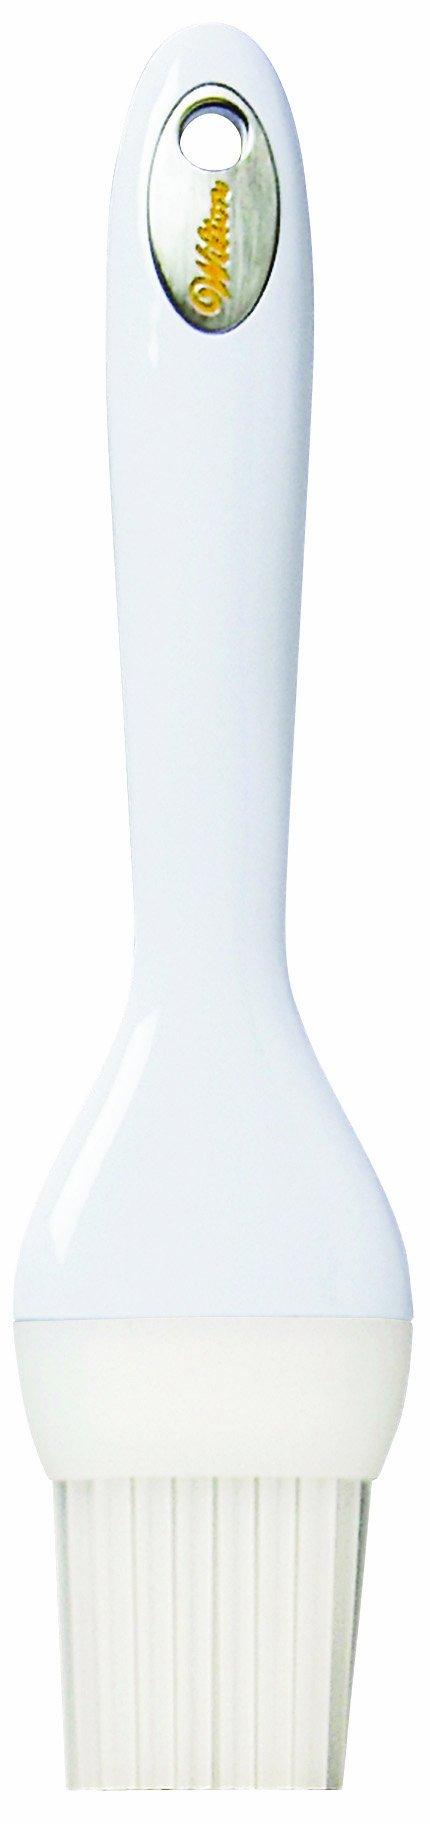 Wilton 409-6056 Silicone Pastry Brush, White